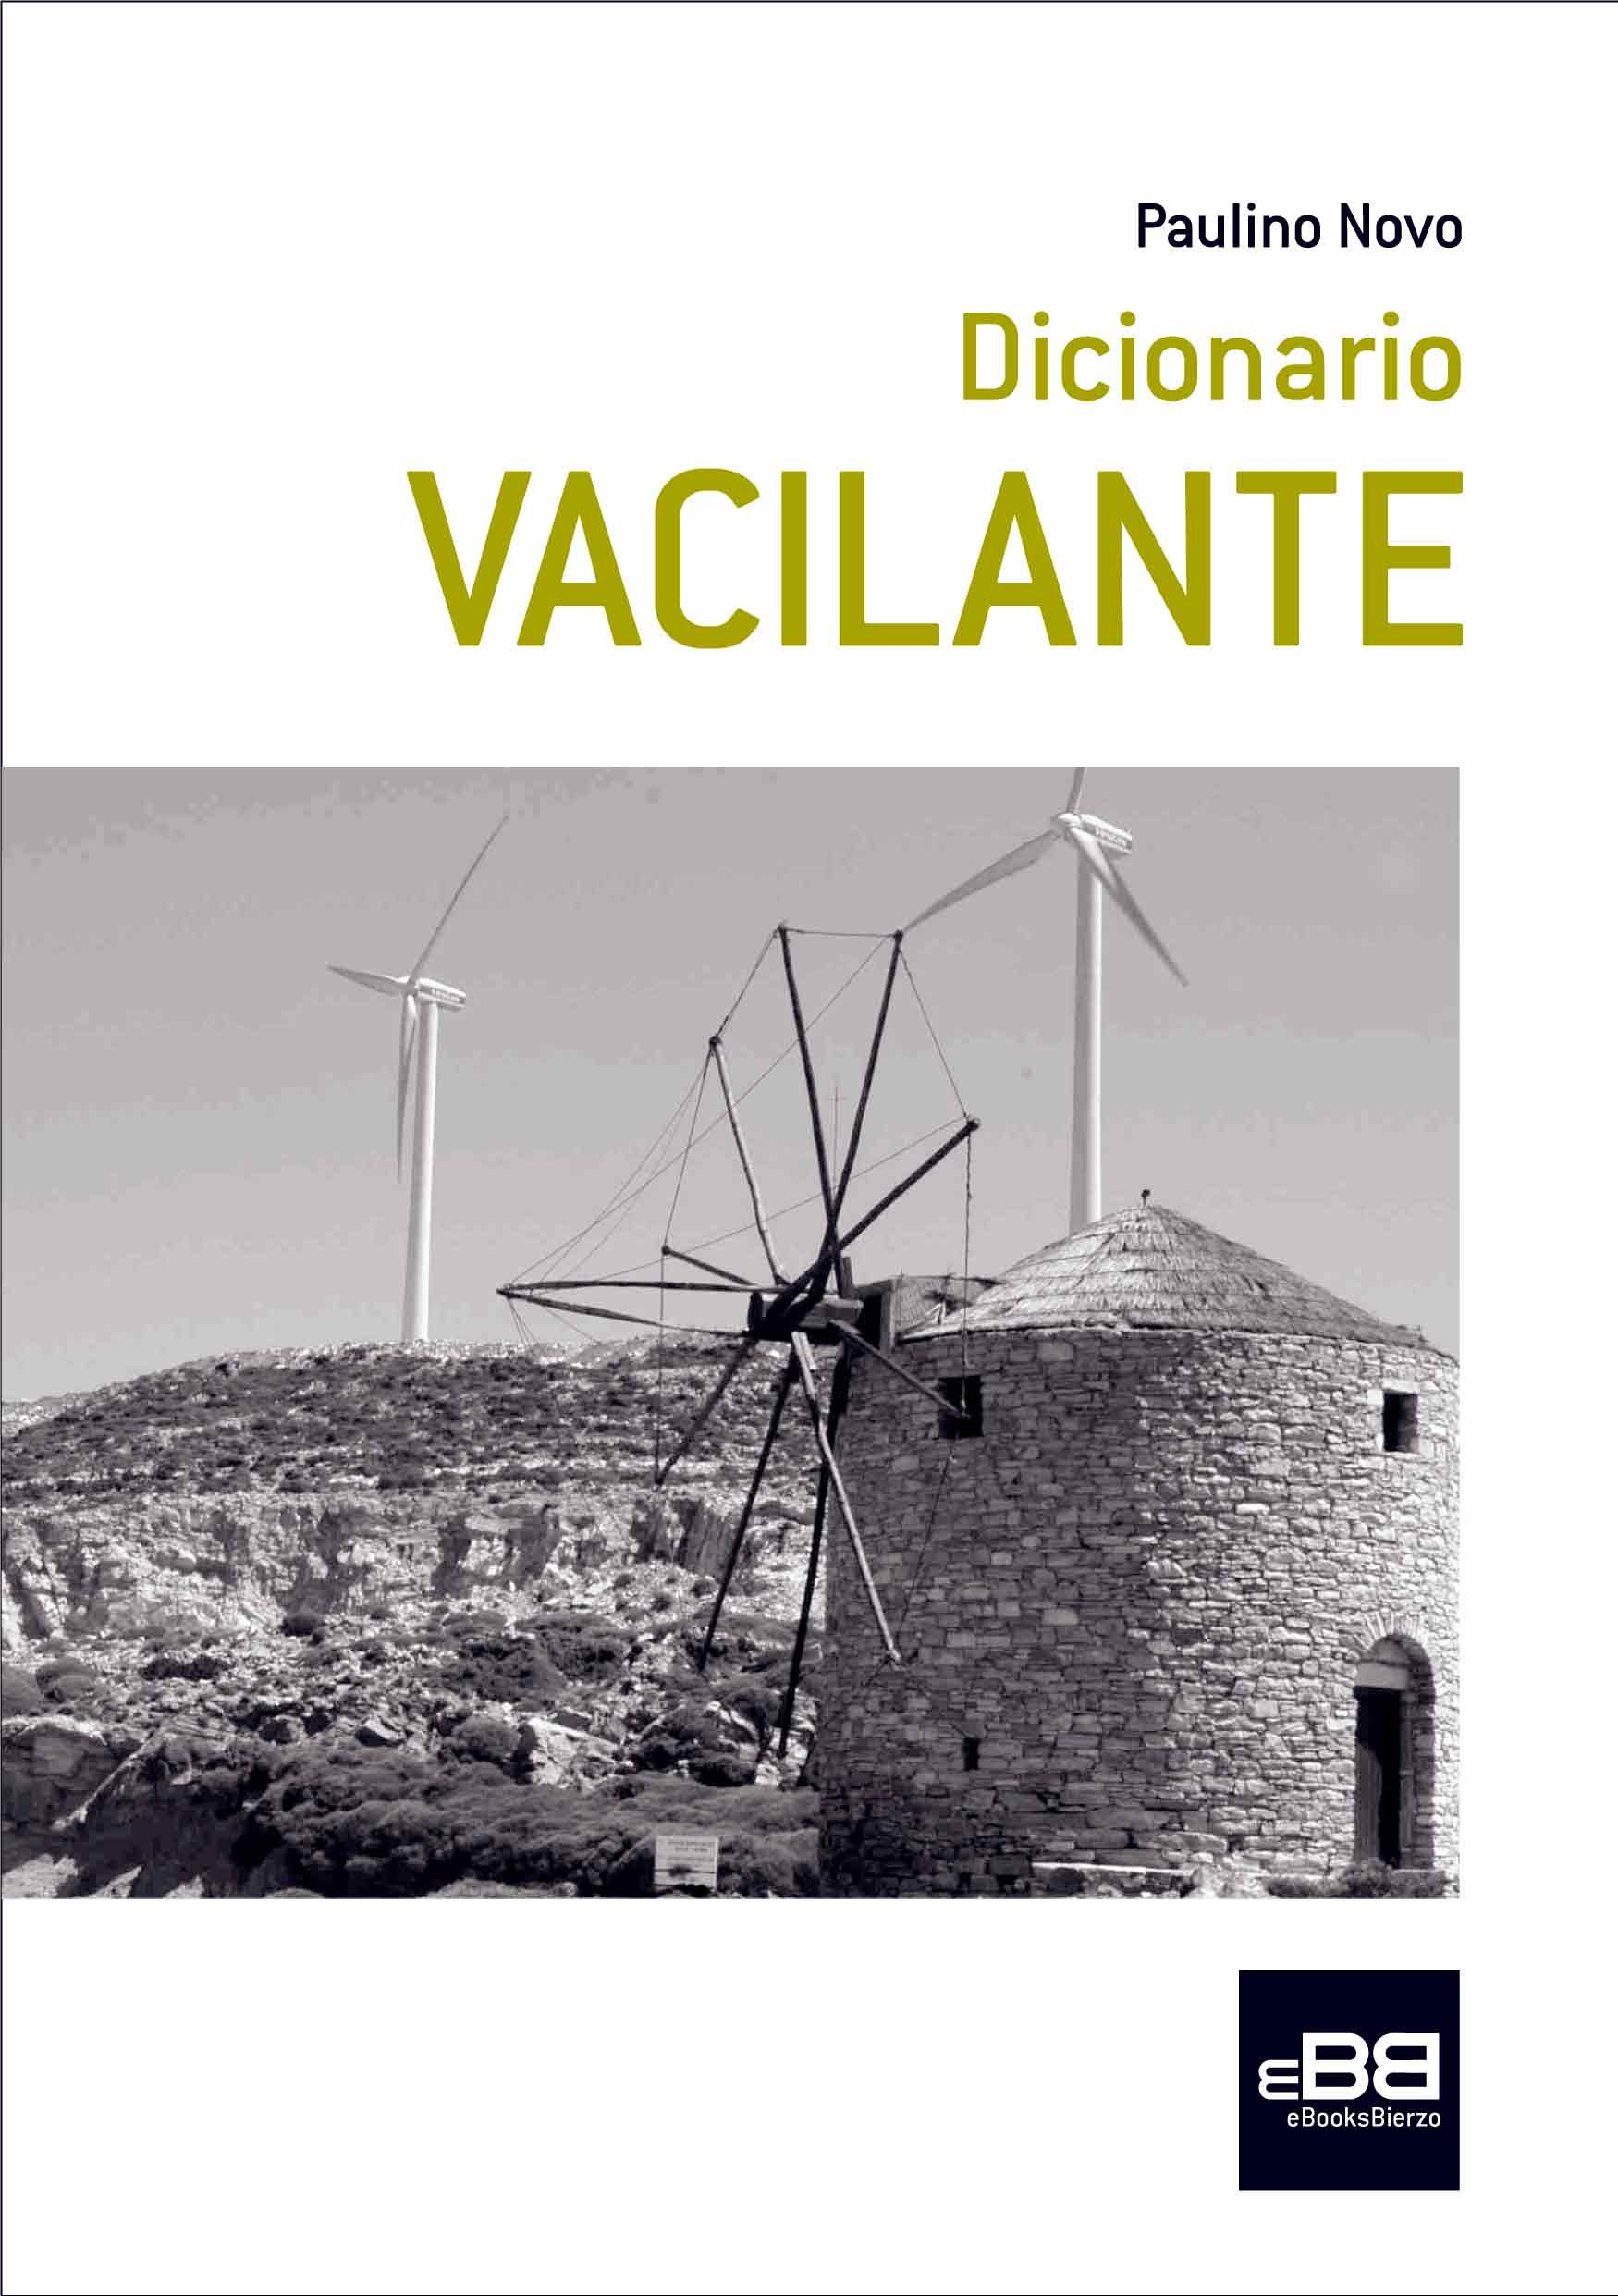 Dicionario VACILANTE (Galician Edition)